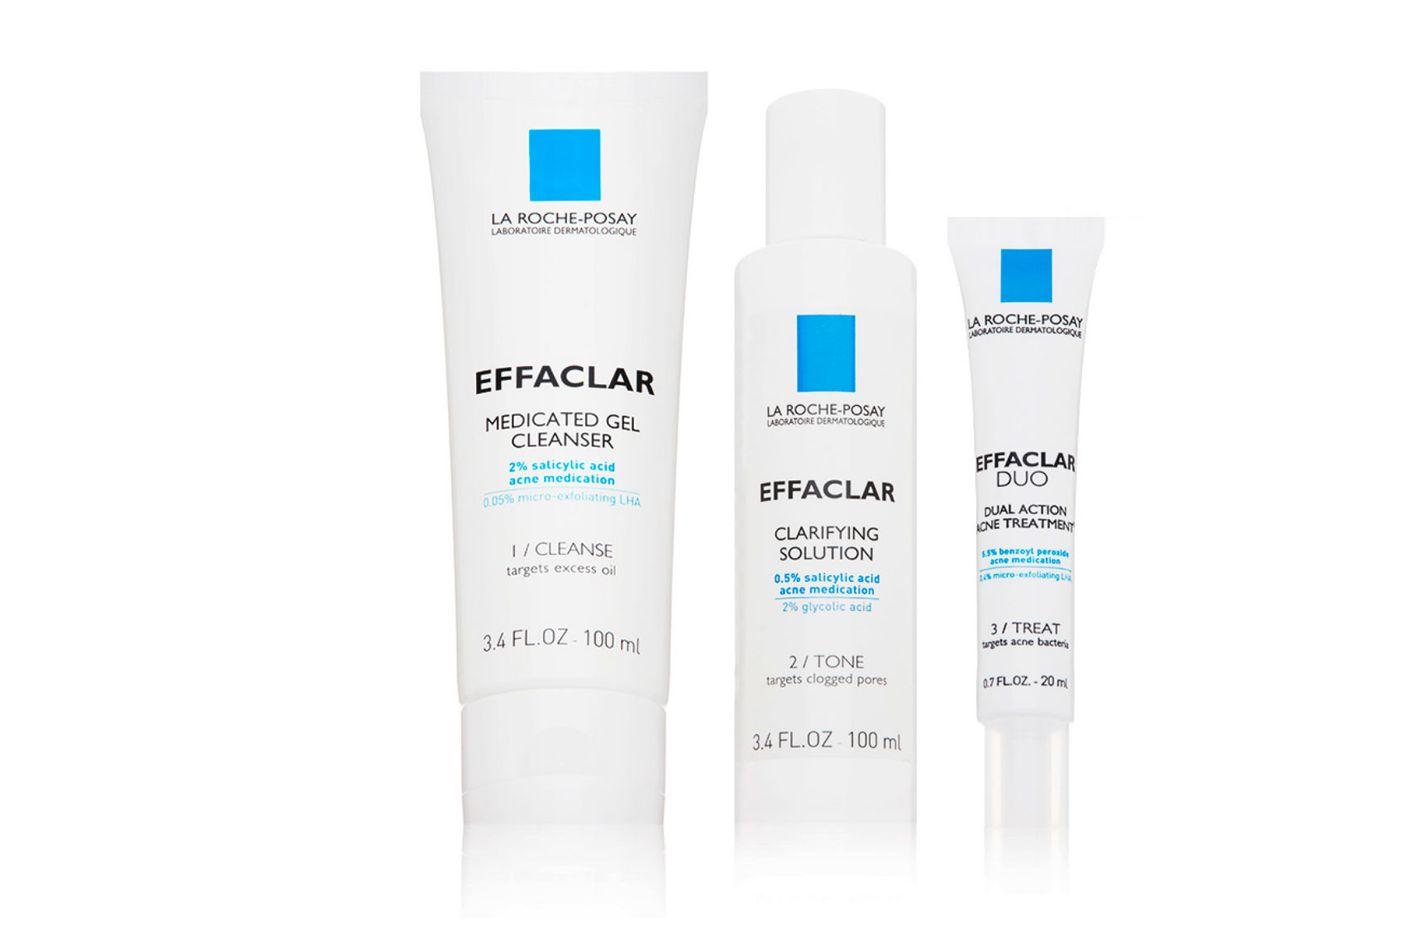 La Roche-Posay Effaclar Dermatological Acne System